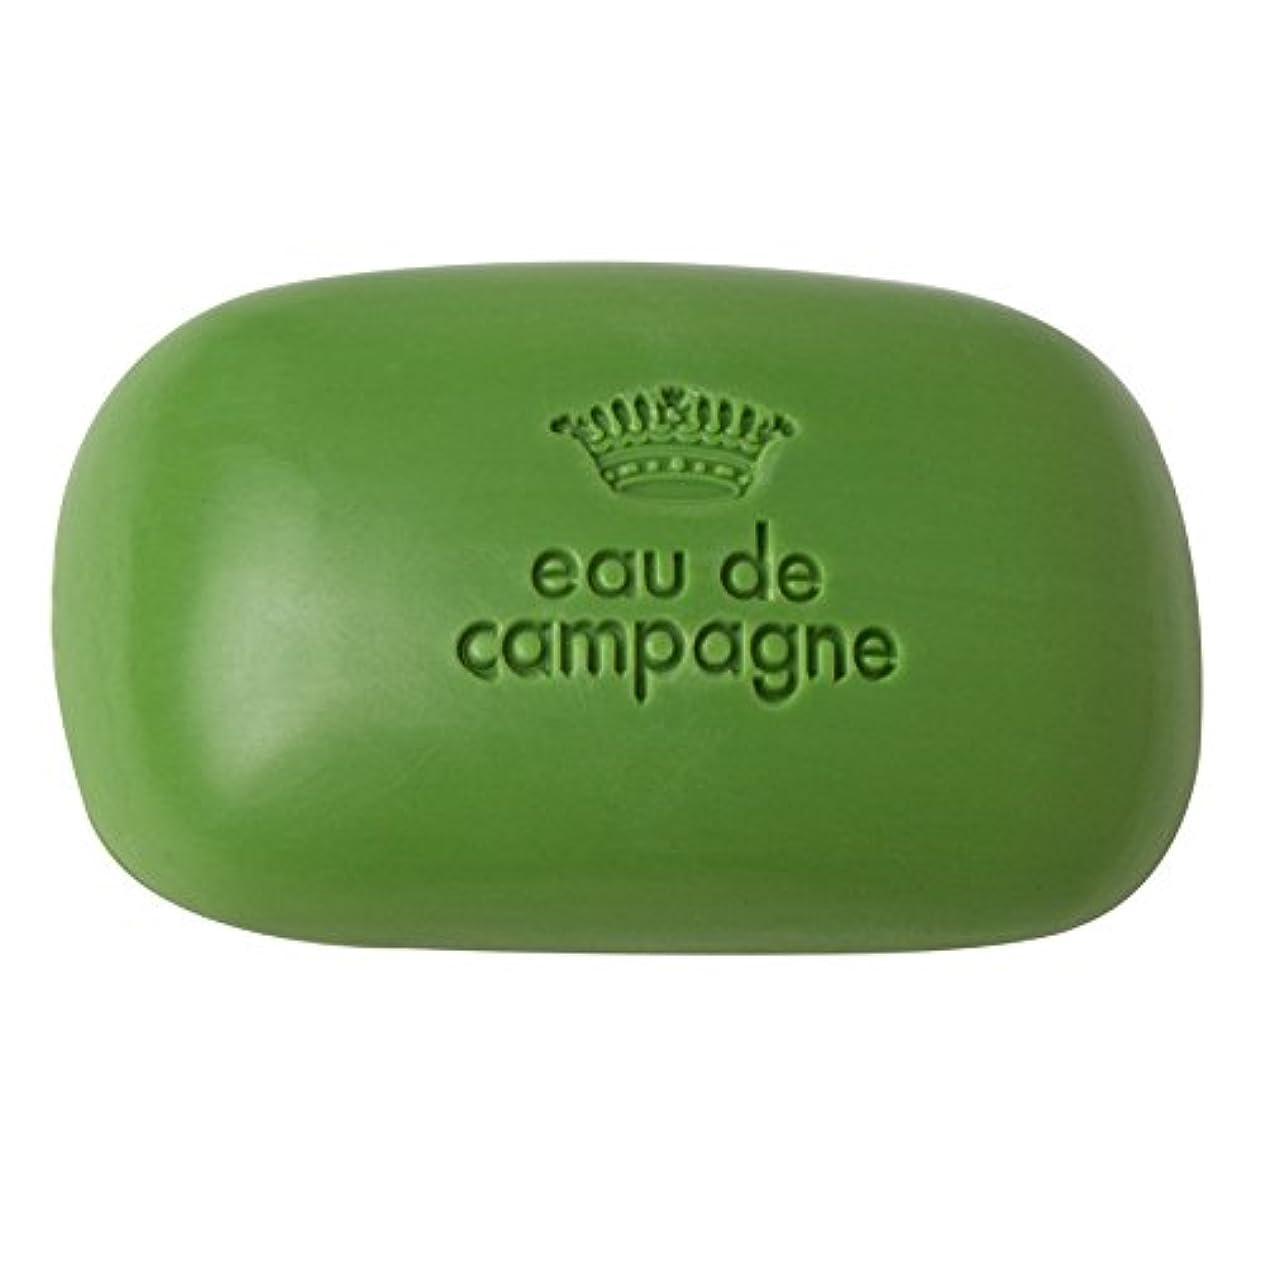 計画的報いるたっぷり[Sisley ] シスレーオー?ド?カンパーニュ石鹸100グラム - Sisley Eau de Campagne Soap 100g [並行輸入品]